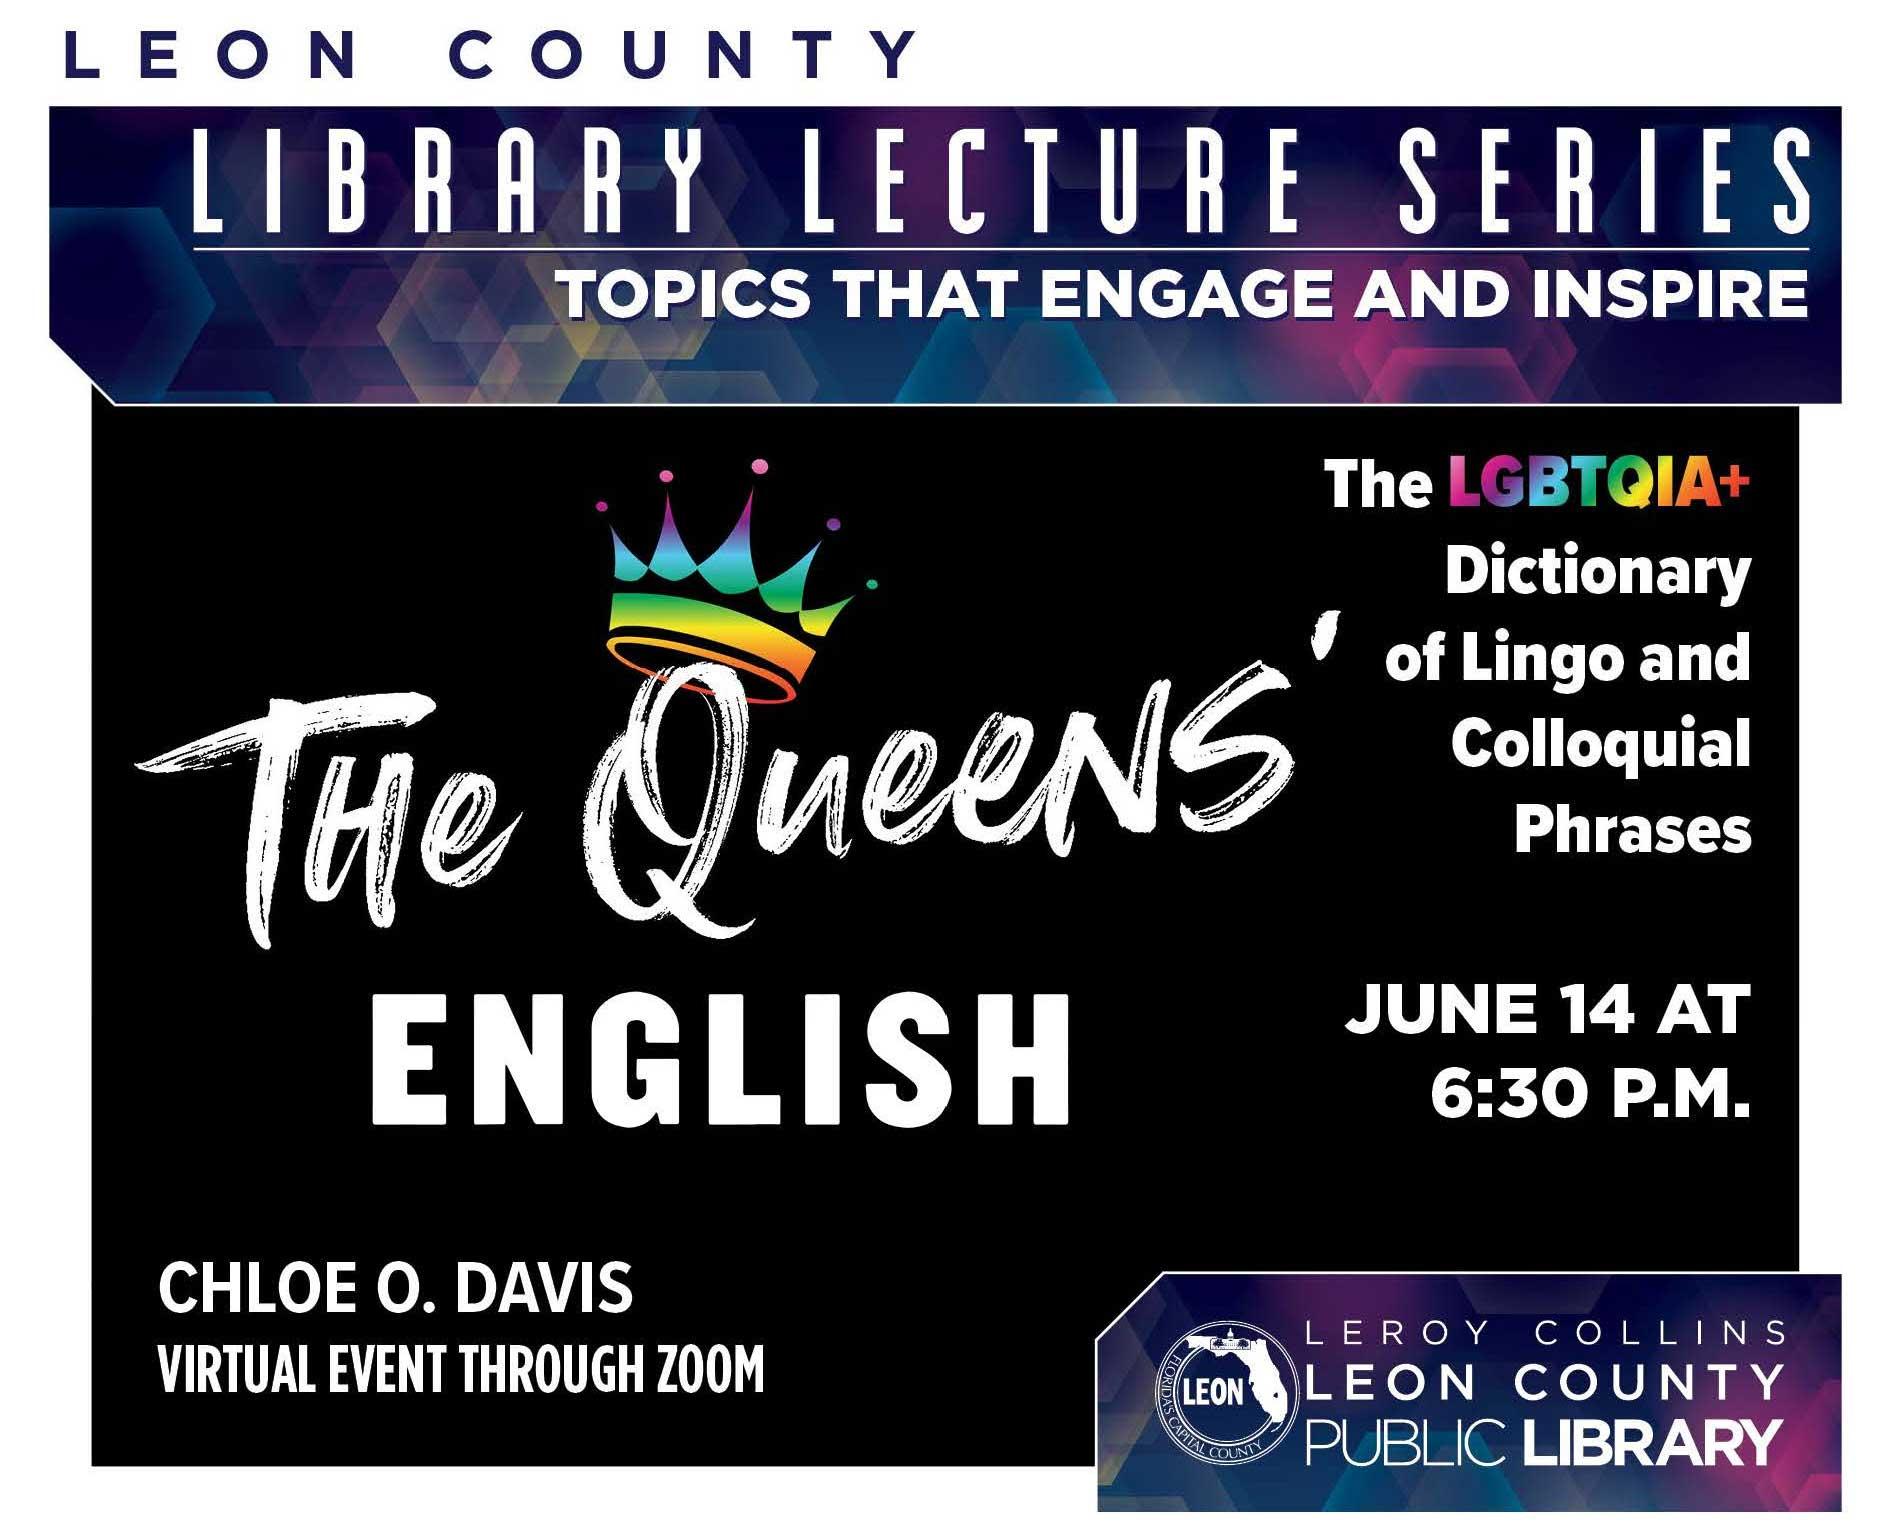 LGBTQIA event